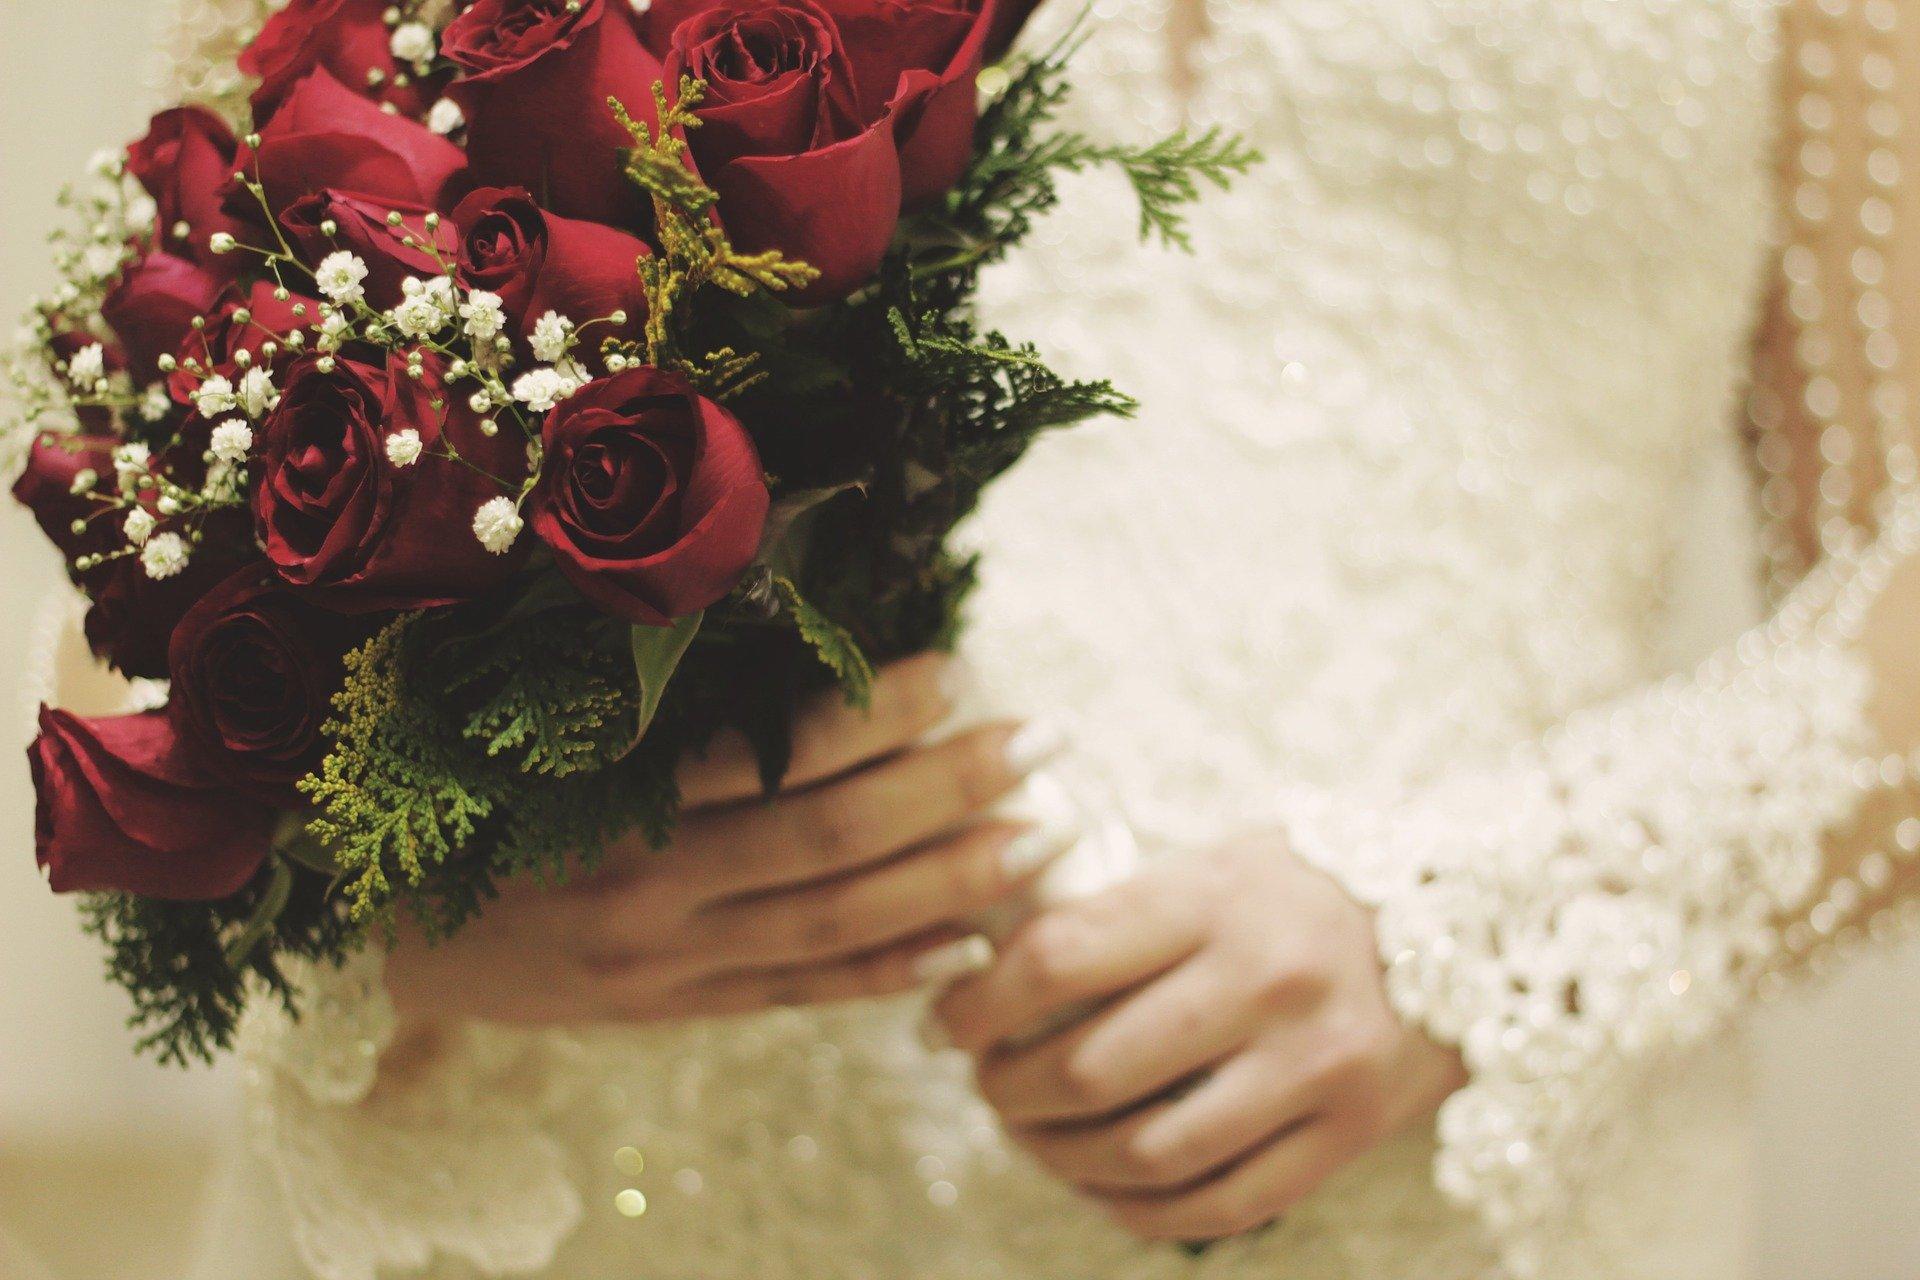 ダーズンローズセレモニーでロマンチックな結婚式♡